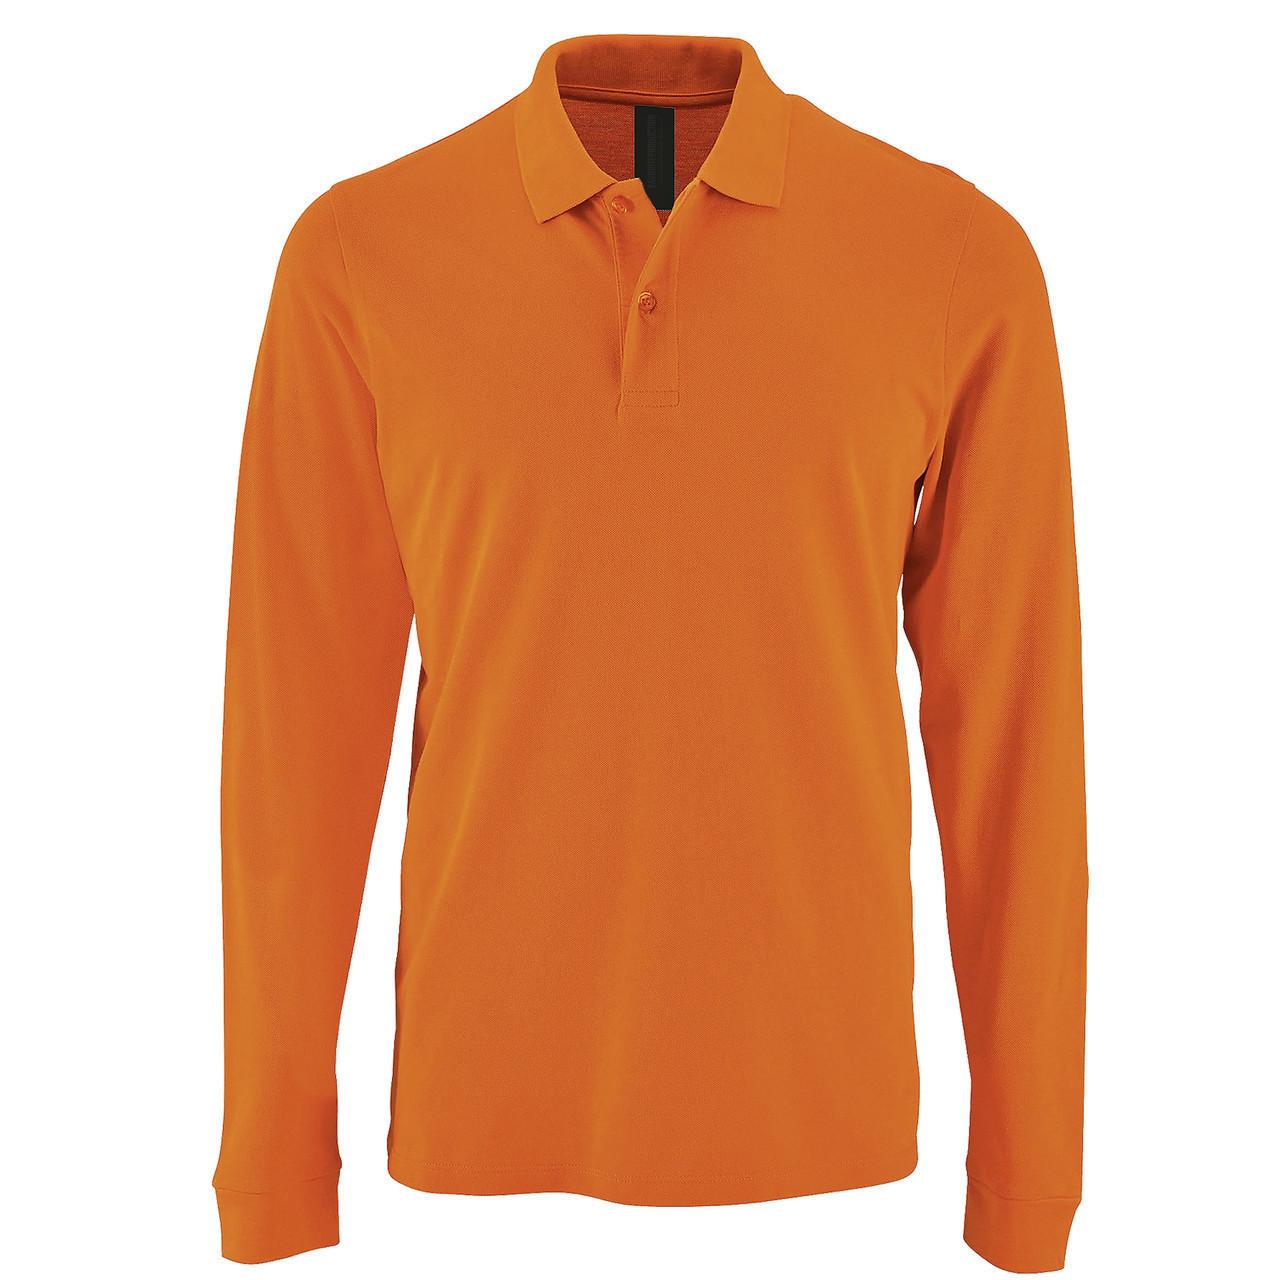 Футболка поло с длинным рукавом | Оранжевая | 200 г/м² 2XL